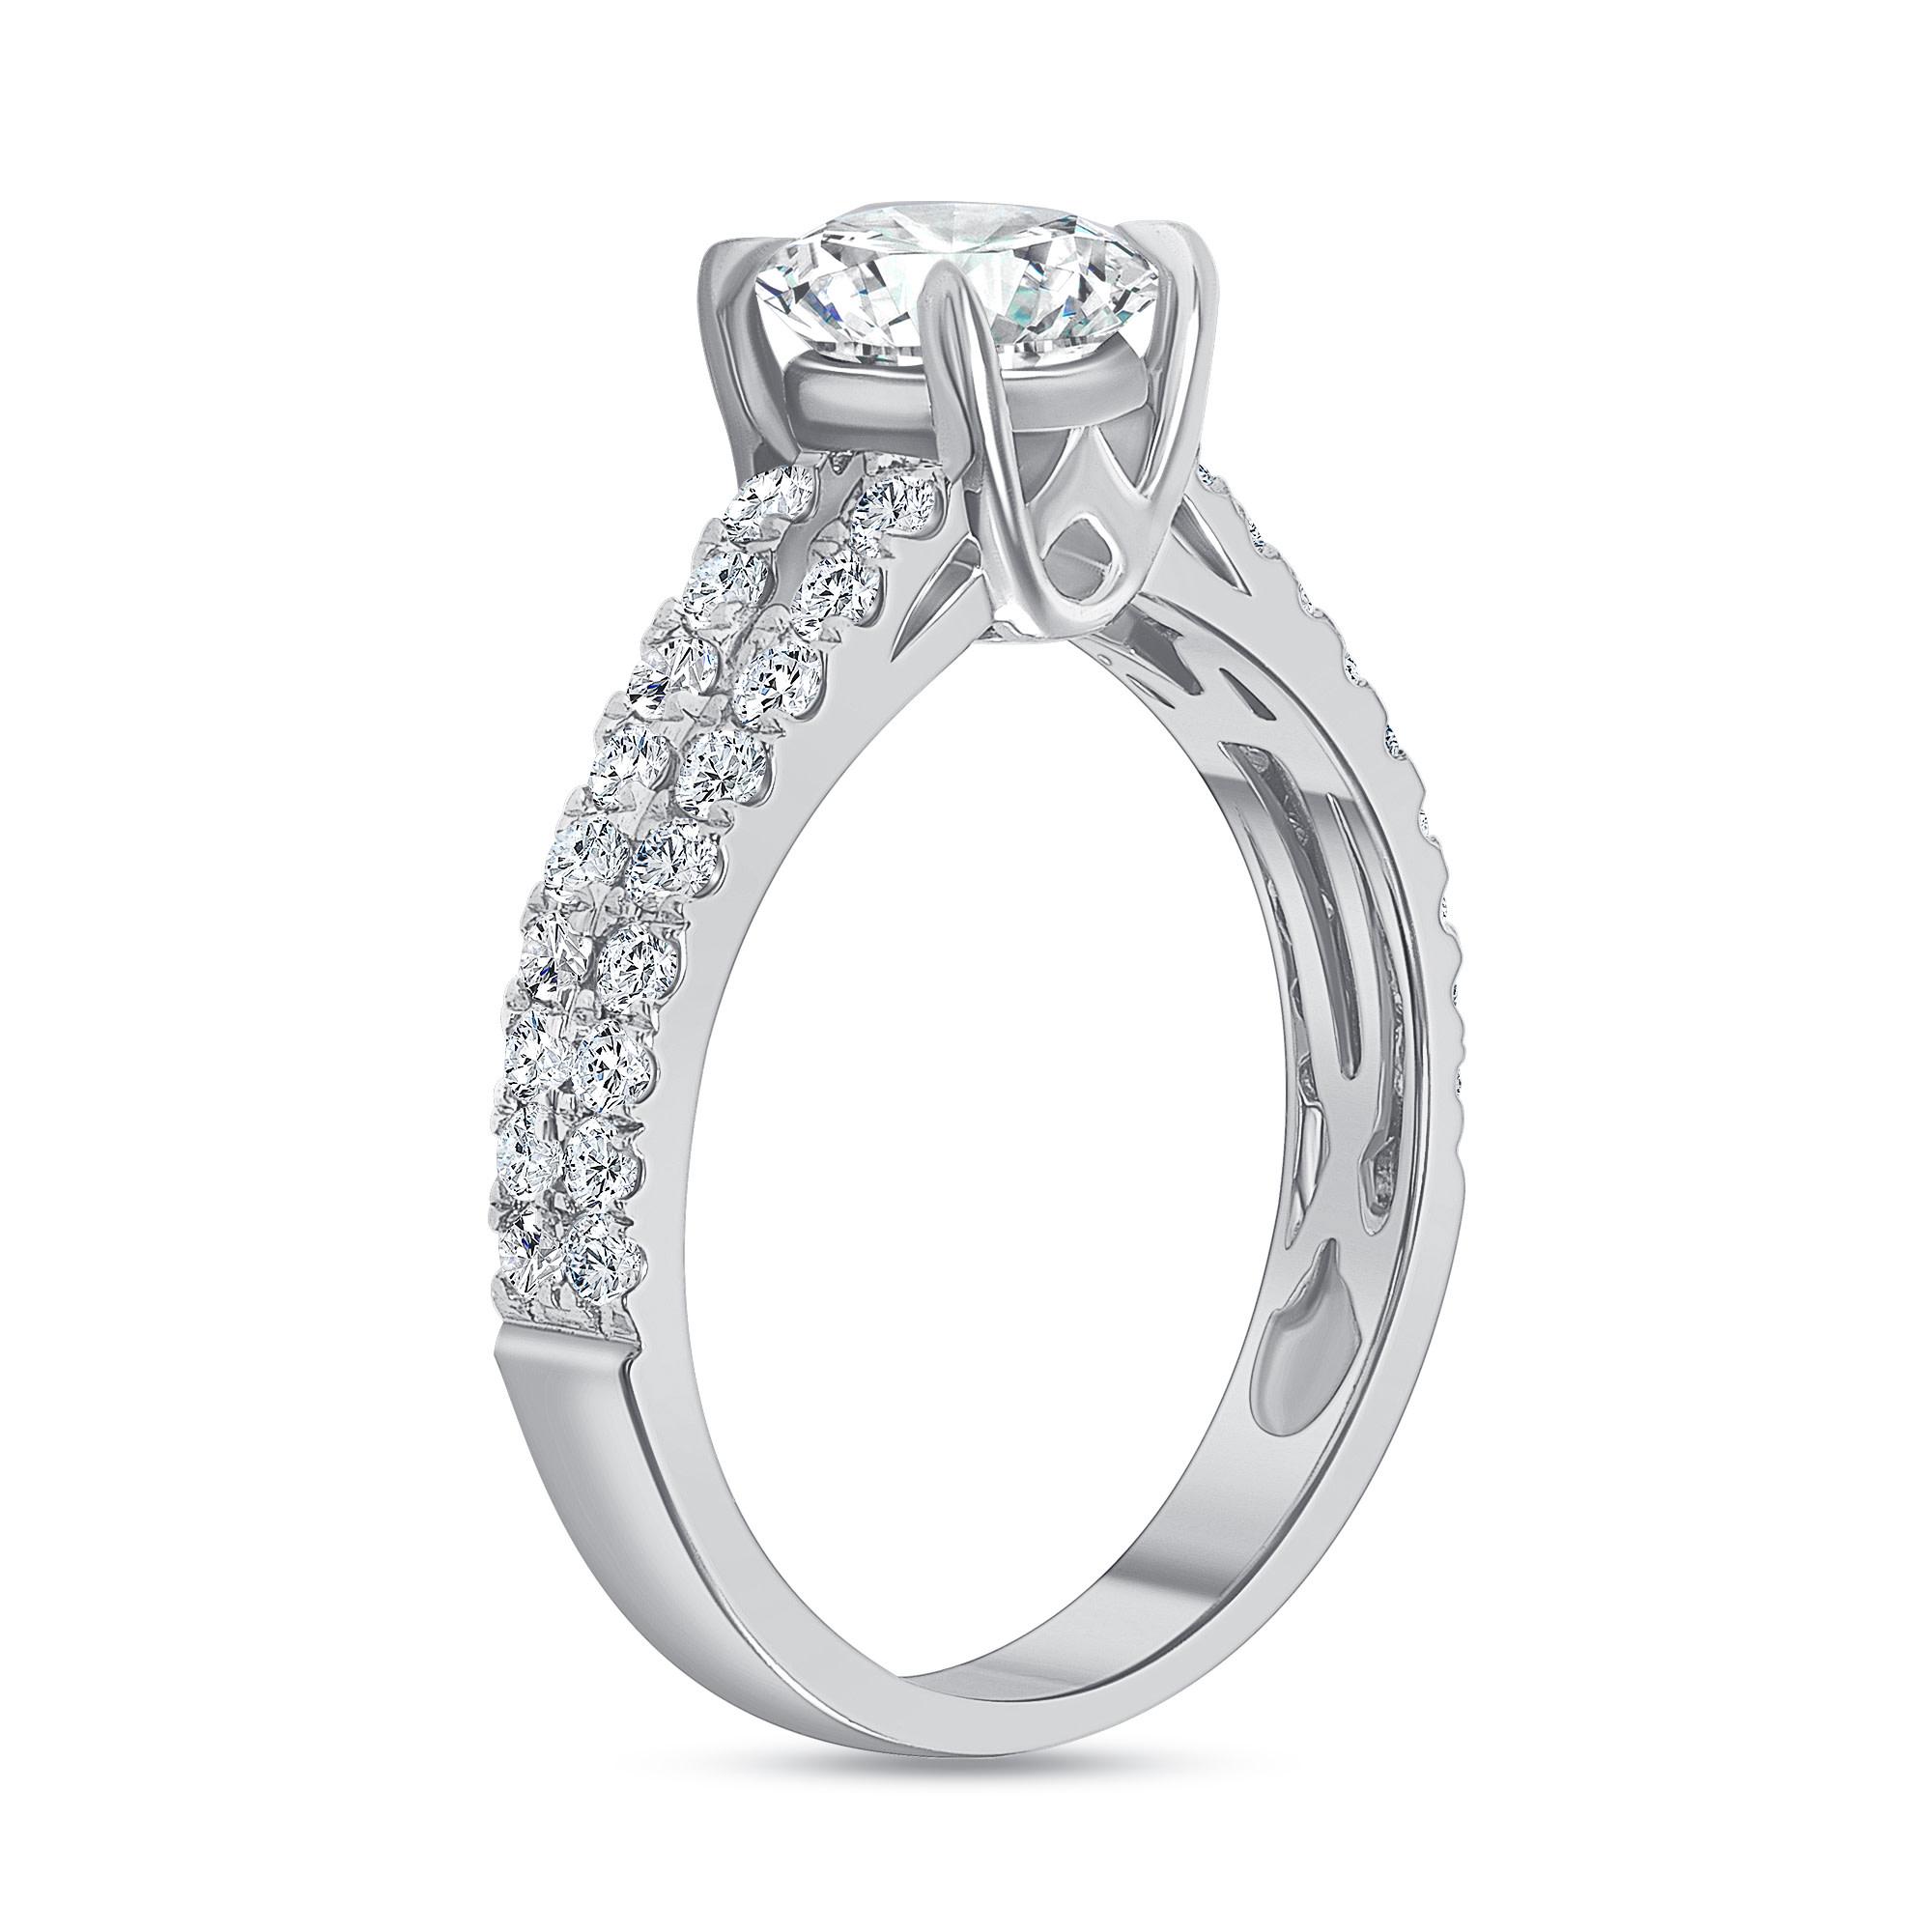 2 row diamond ring white gold